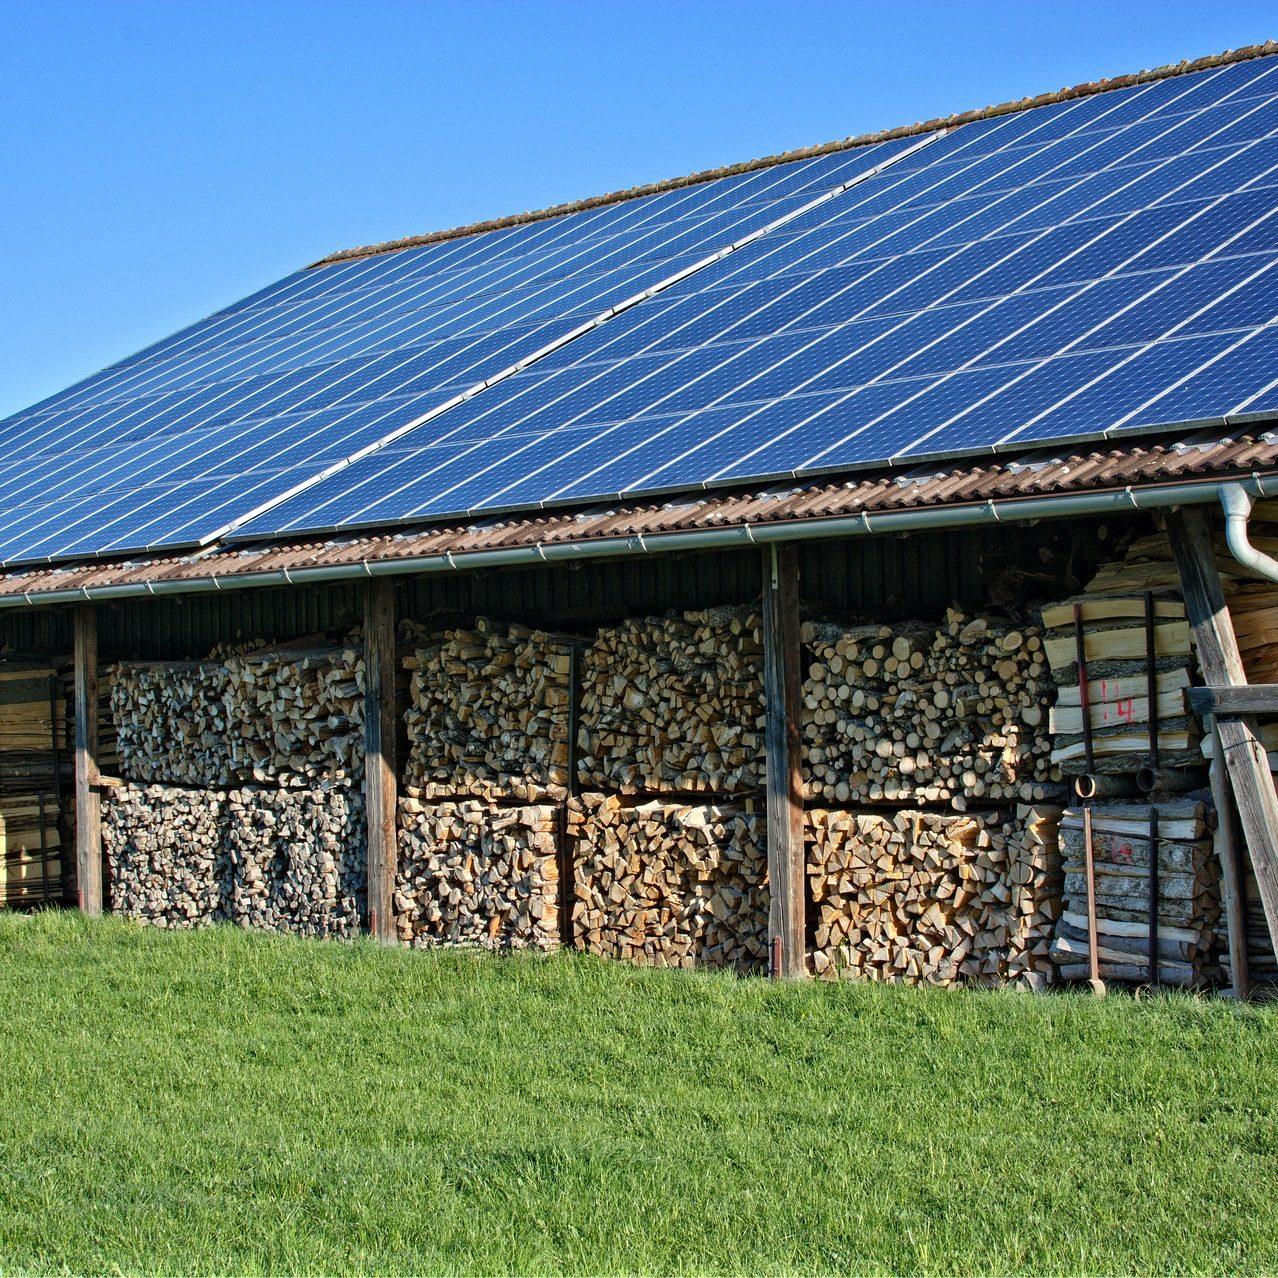 panele słoneczne na budynku gospodarczym